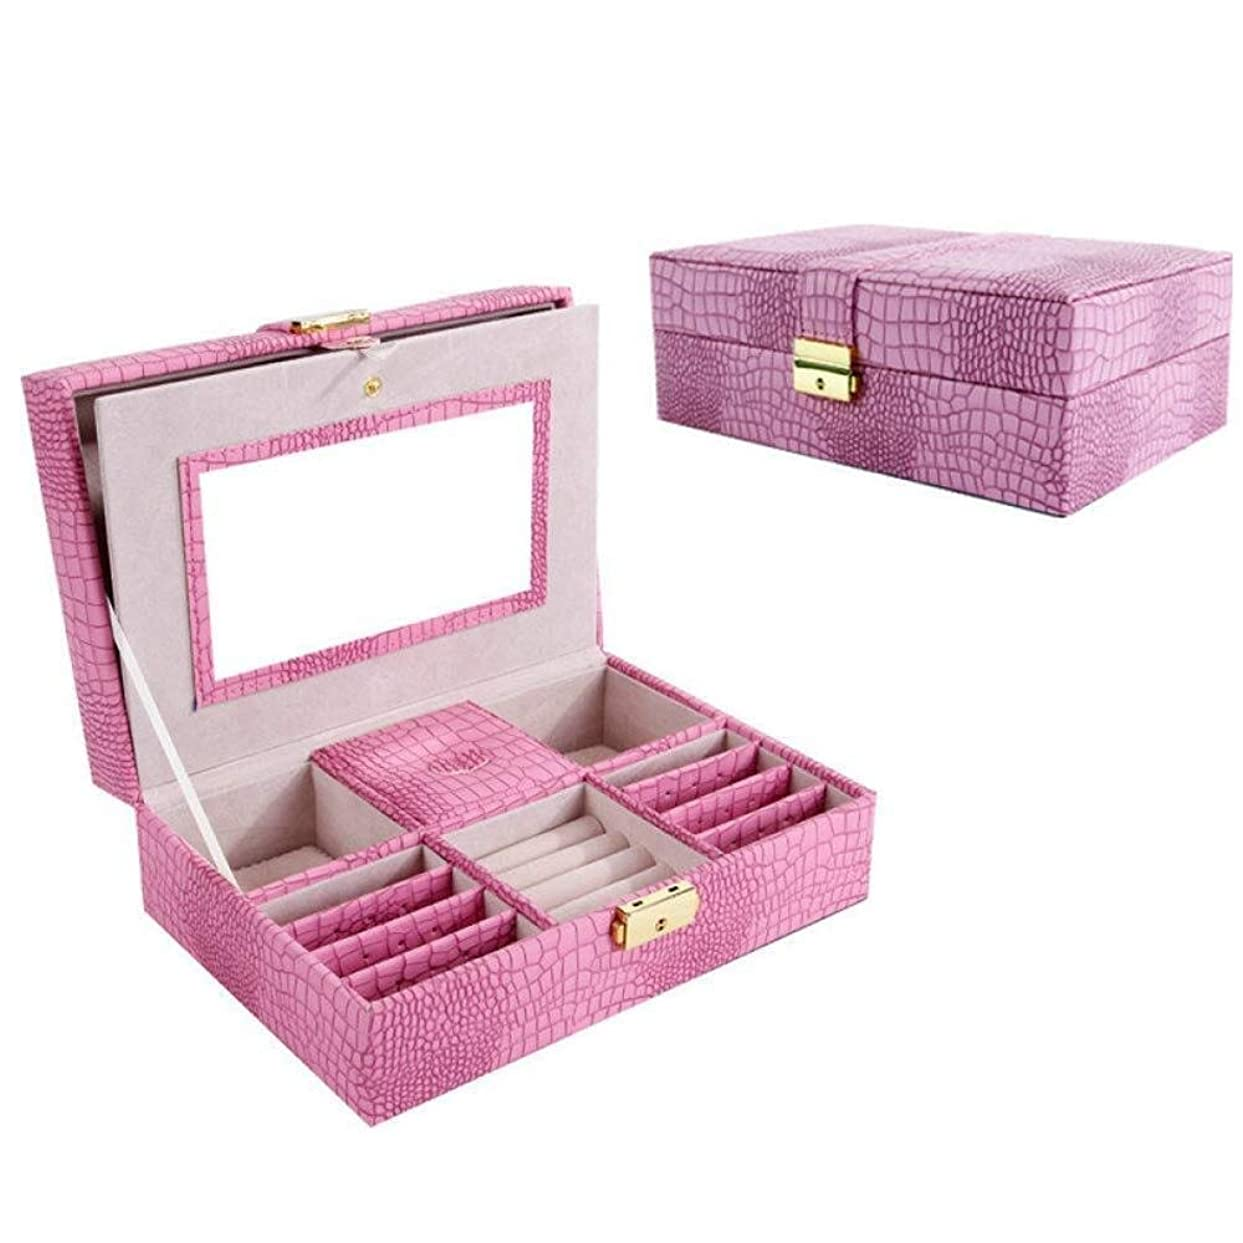 略すフランクワースリー鮫スモールフェイクレザートラベルジュエリーボックスオーガナイザーディスプレイストレージケースリングイヤリングネックレスブレスレットミラー付きブレスレット、イヤリング、指輪ギフト女の子、女性、母、娘用 (Color : Pink)